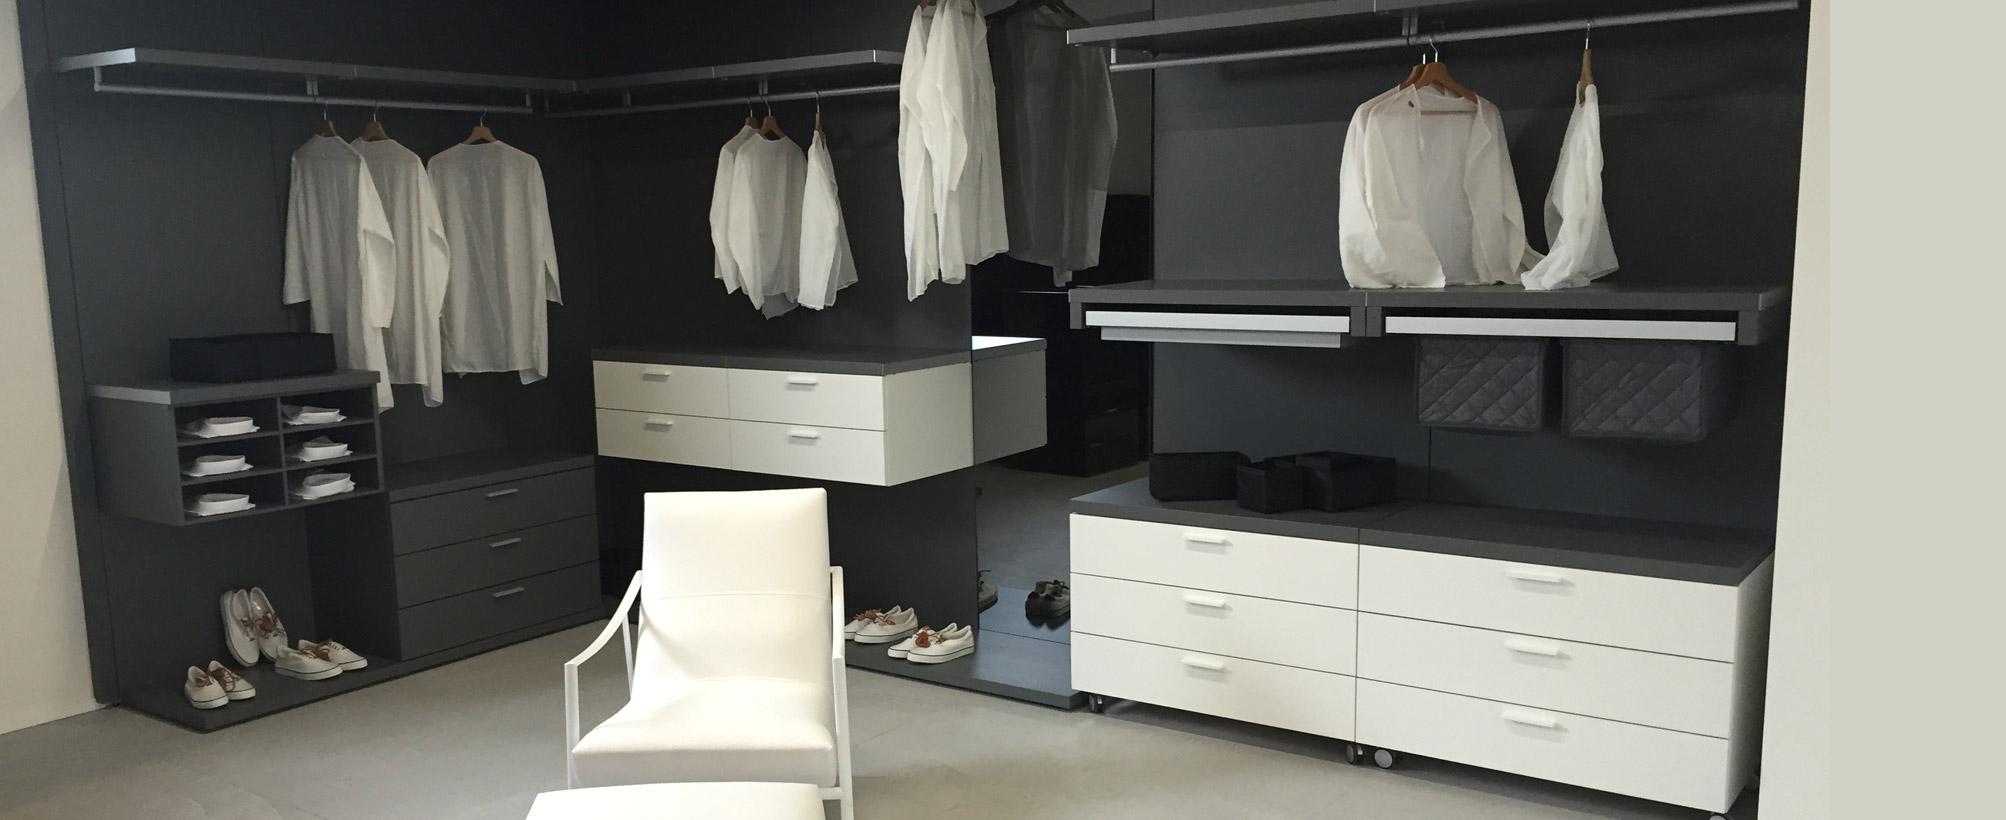 Ingrosso mobili vendita di cucine camere salotti for Vendita di mobili